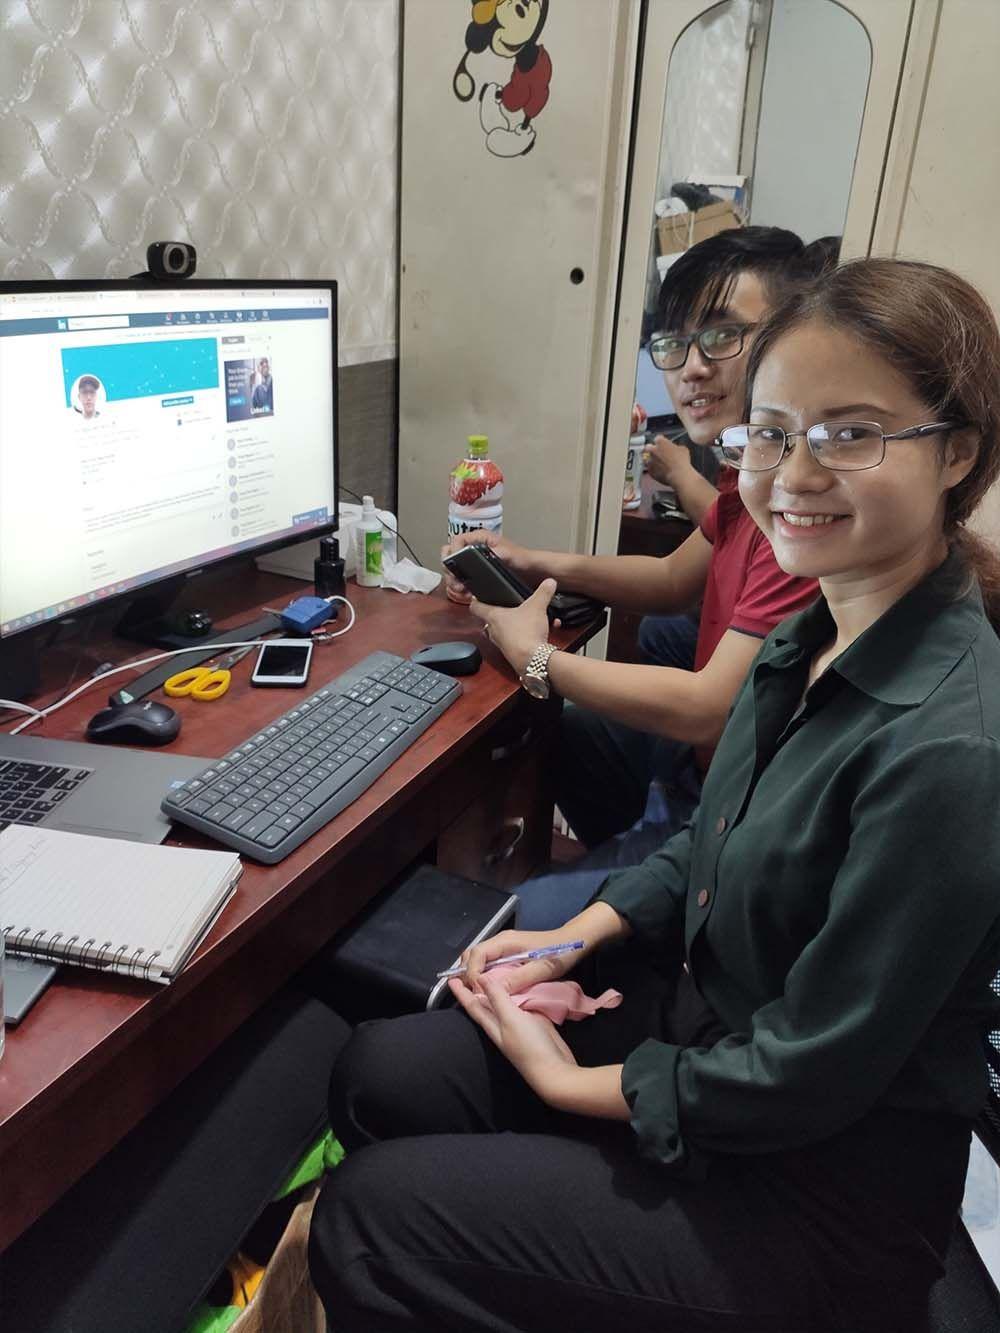 Phiên dịch tiếng Anh Online hỗ trợ giao dịch trực tuyến